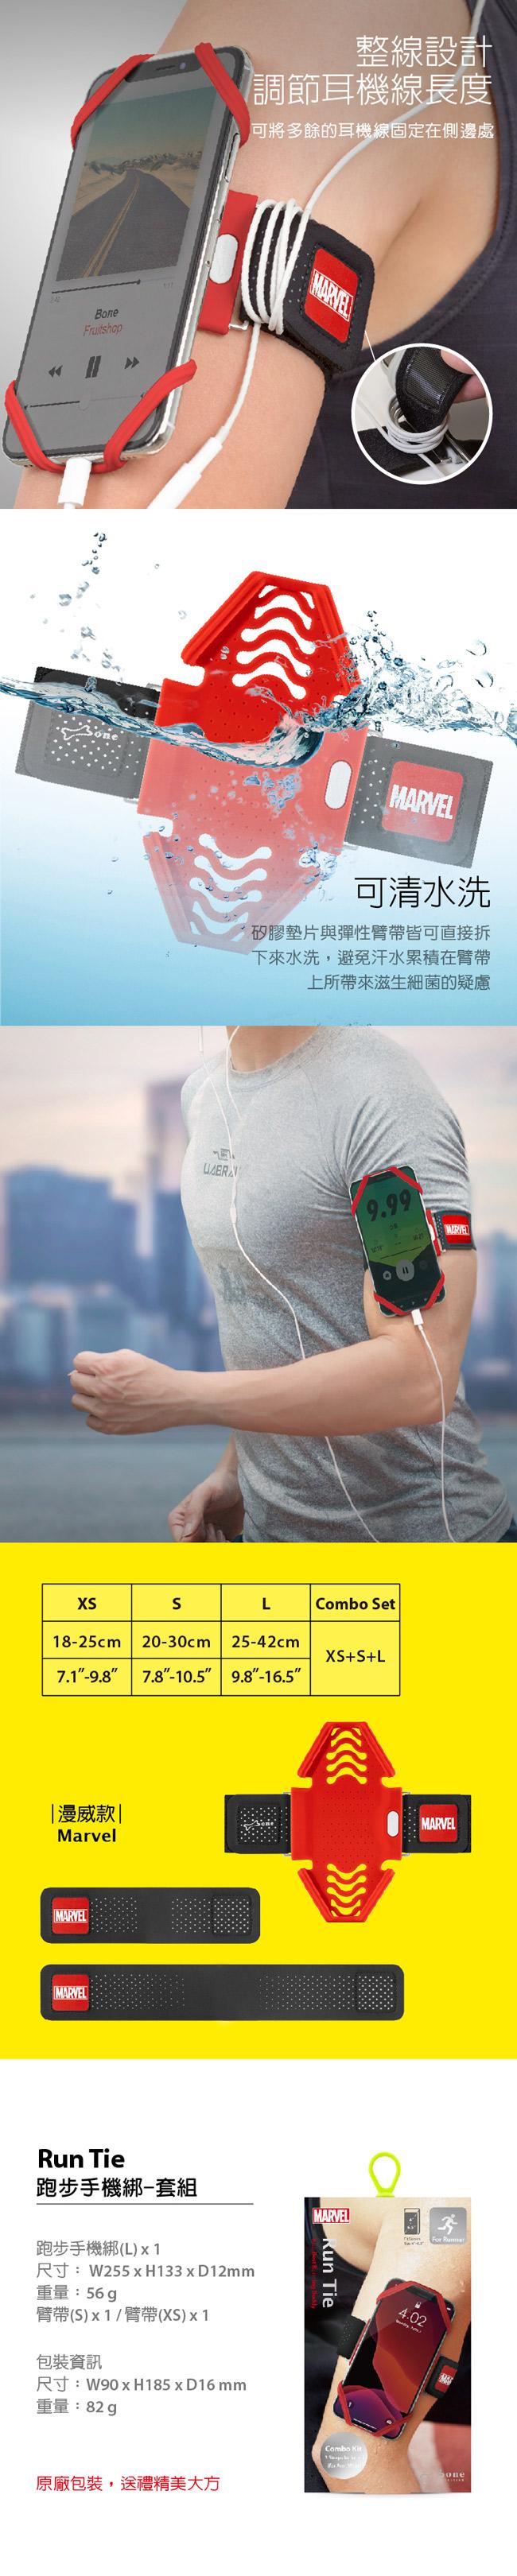 (複製)Bone | 跑步手機綁 通用運動臂套(手腕) 全尺寸組合(黑色)